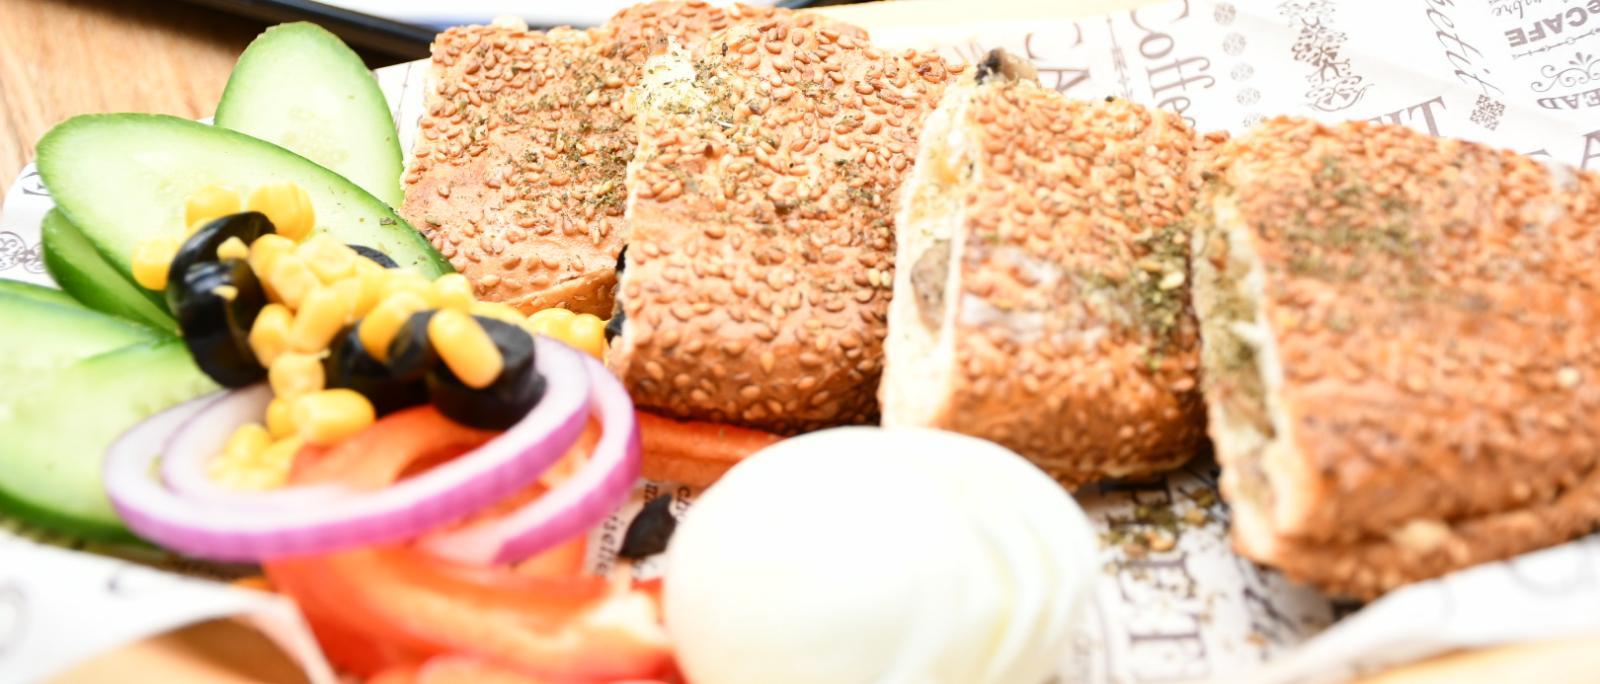 ستار توست بيافا - 4 ساندويشات توست مع كولا وسلطات فقط بـ 116 شيكل